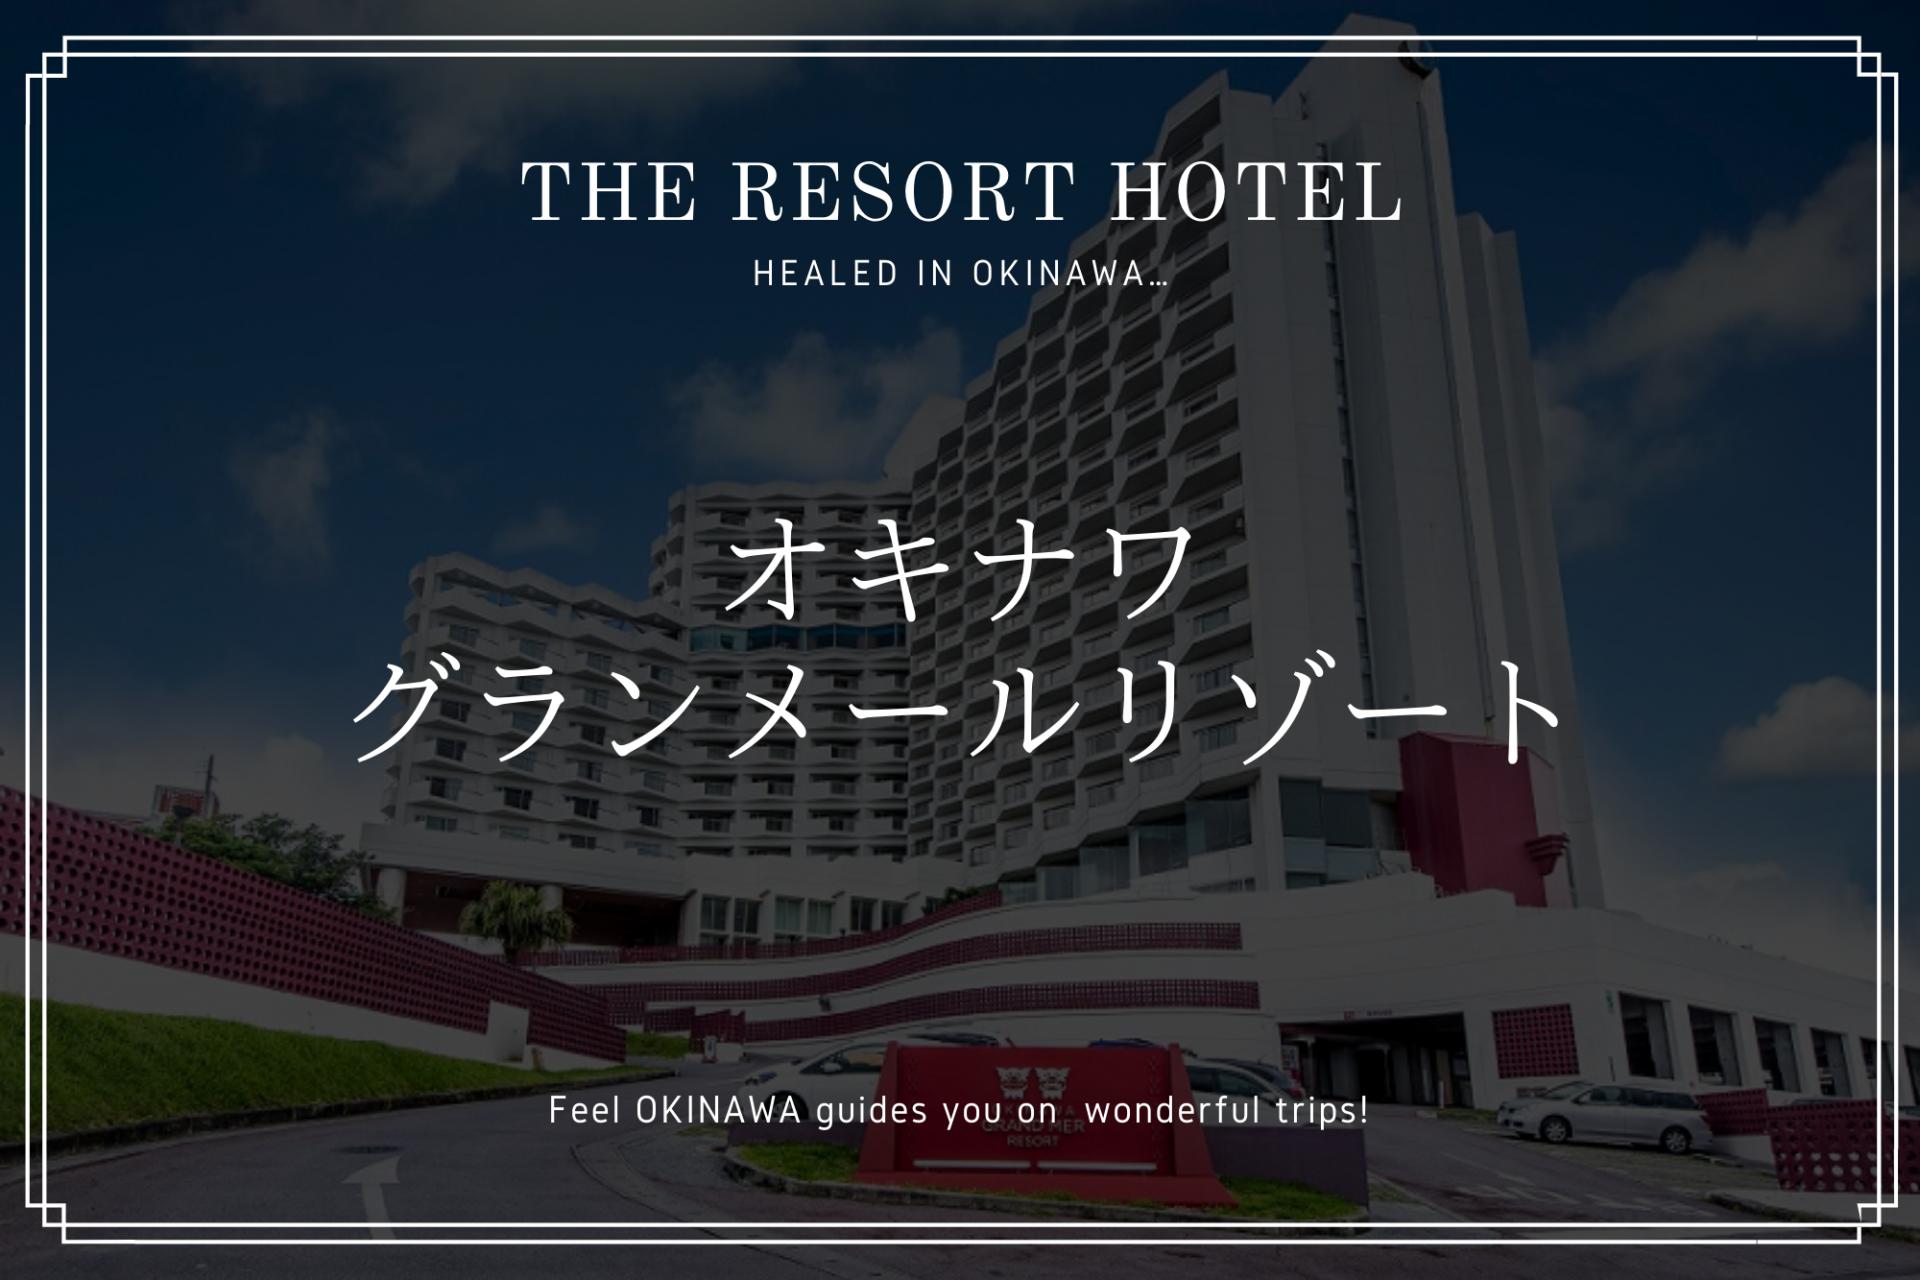 沖縄各地へのアクセスに便利!「オキナワグランメールリゾート」沖縄市